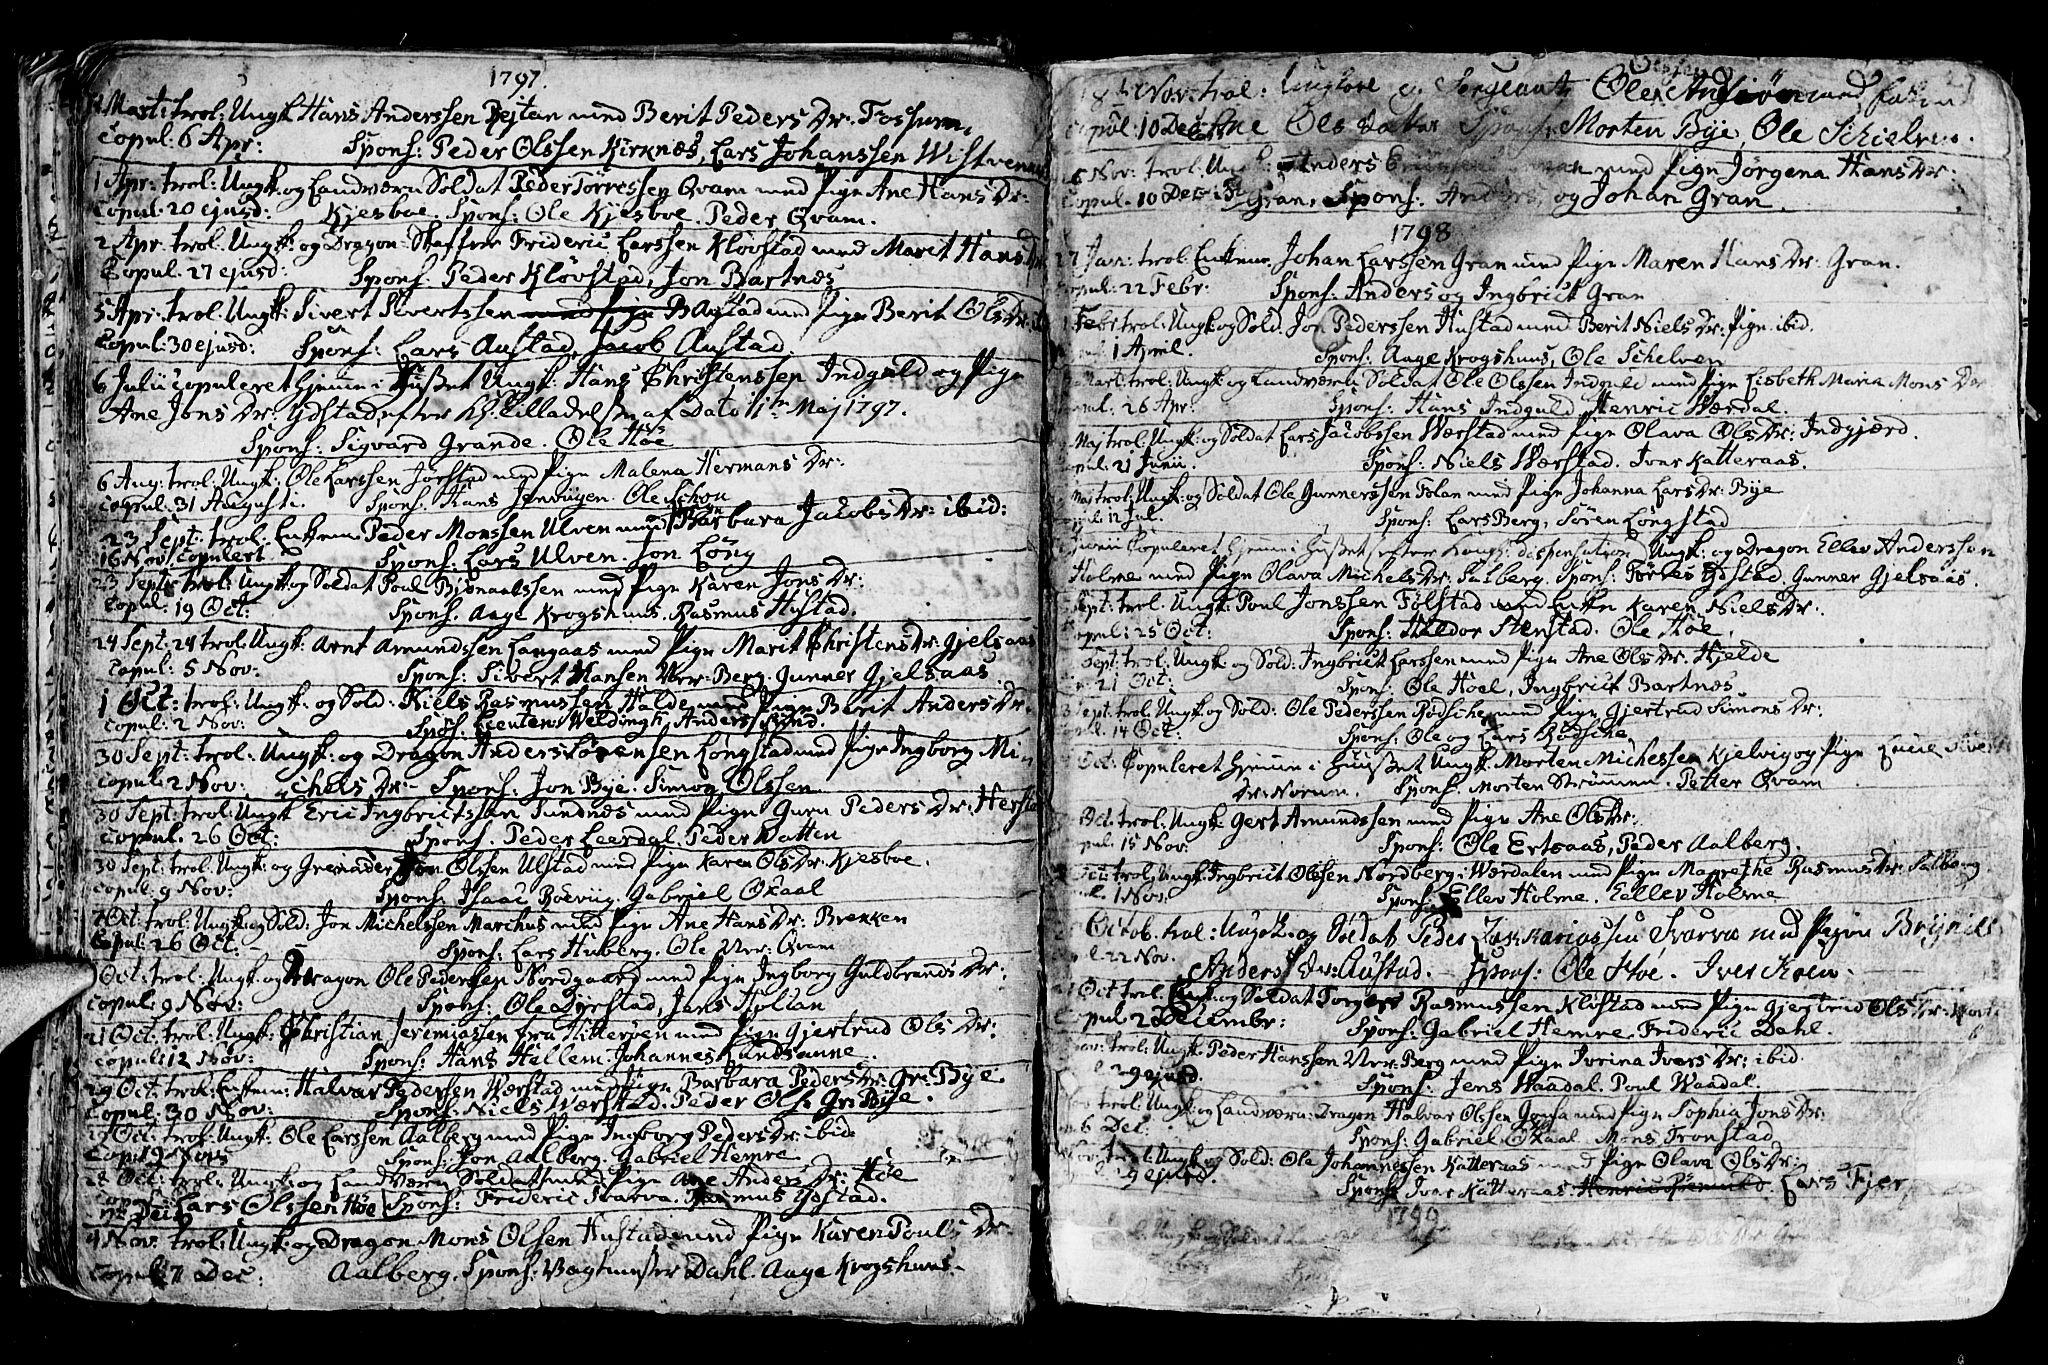 SAT, Ministerialprotokoller, klokkerbøker og fødselsregistre - Nord-Trøndelag, 730/L0273: Ministerialbok nr. 730A02, 1762-1802, s. 27